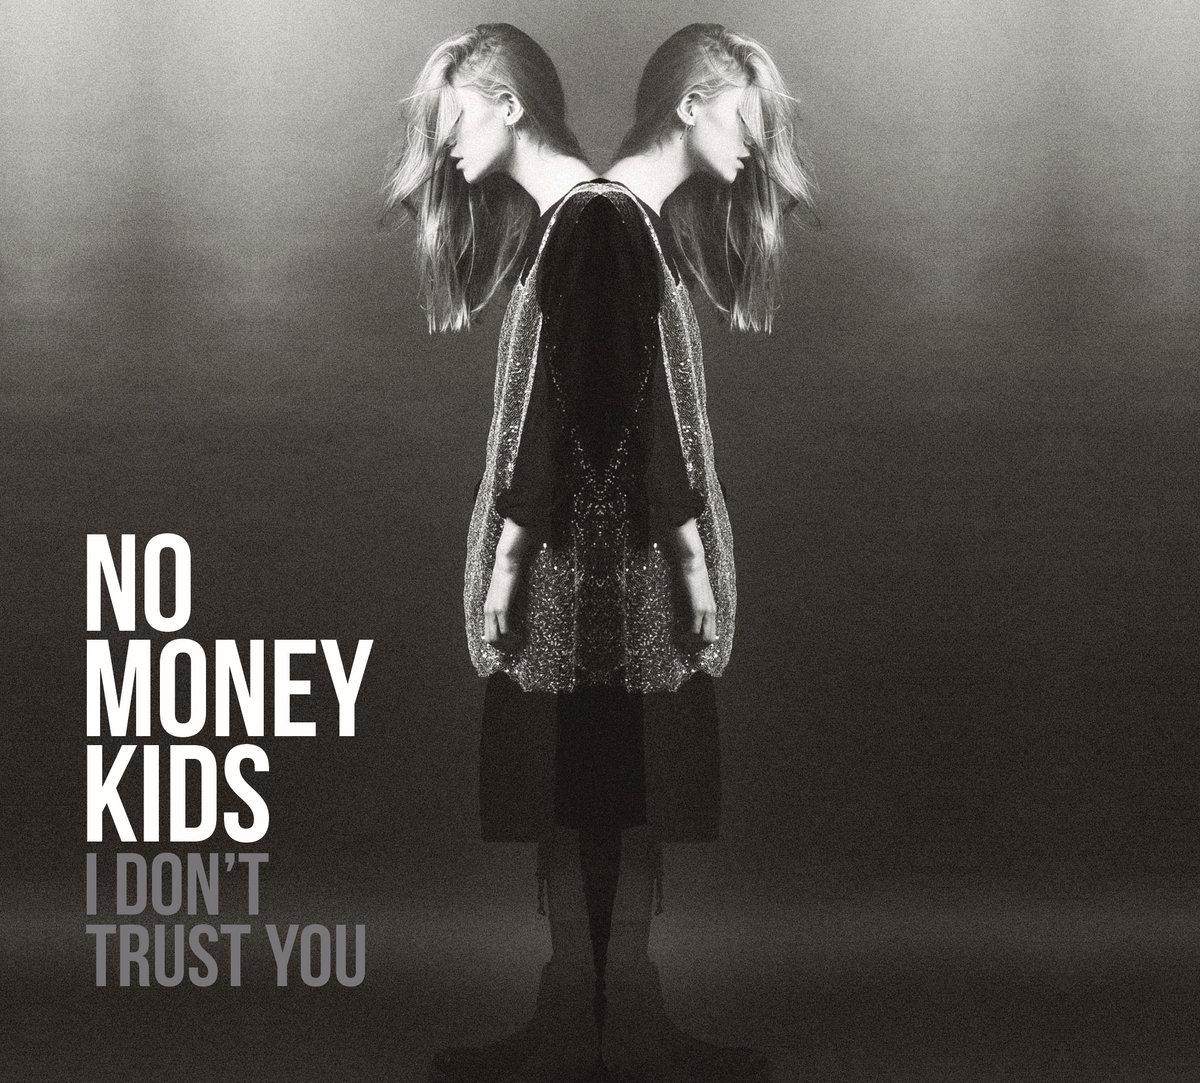 I DON'T TRUST YOU (ALBUM)